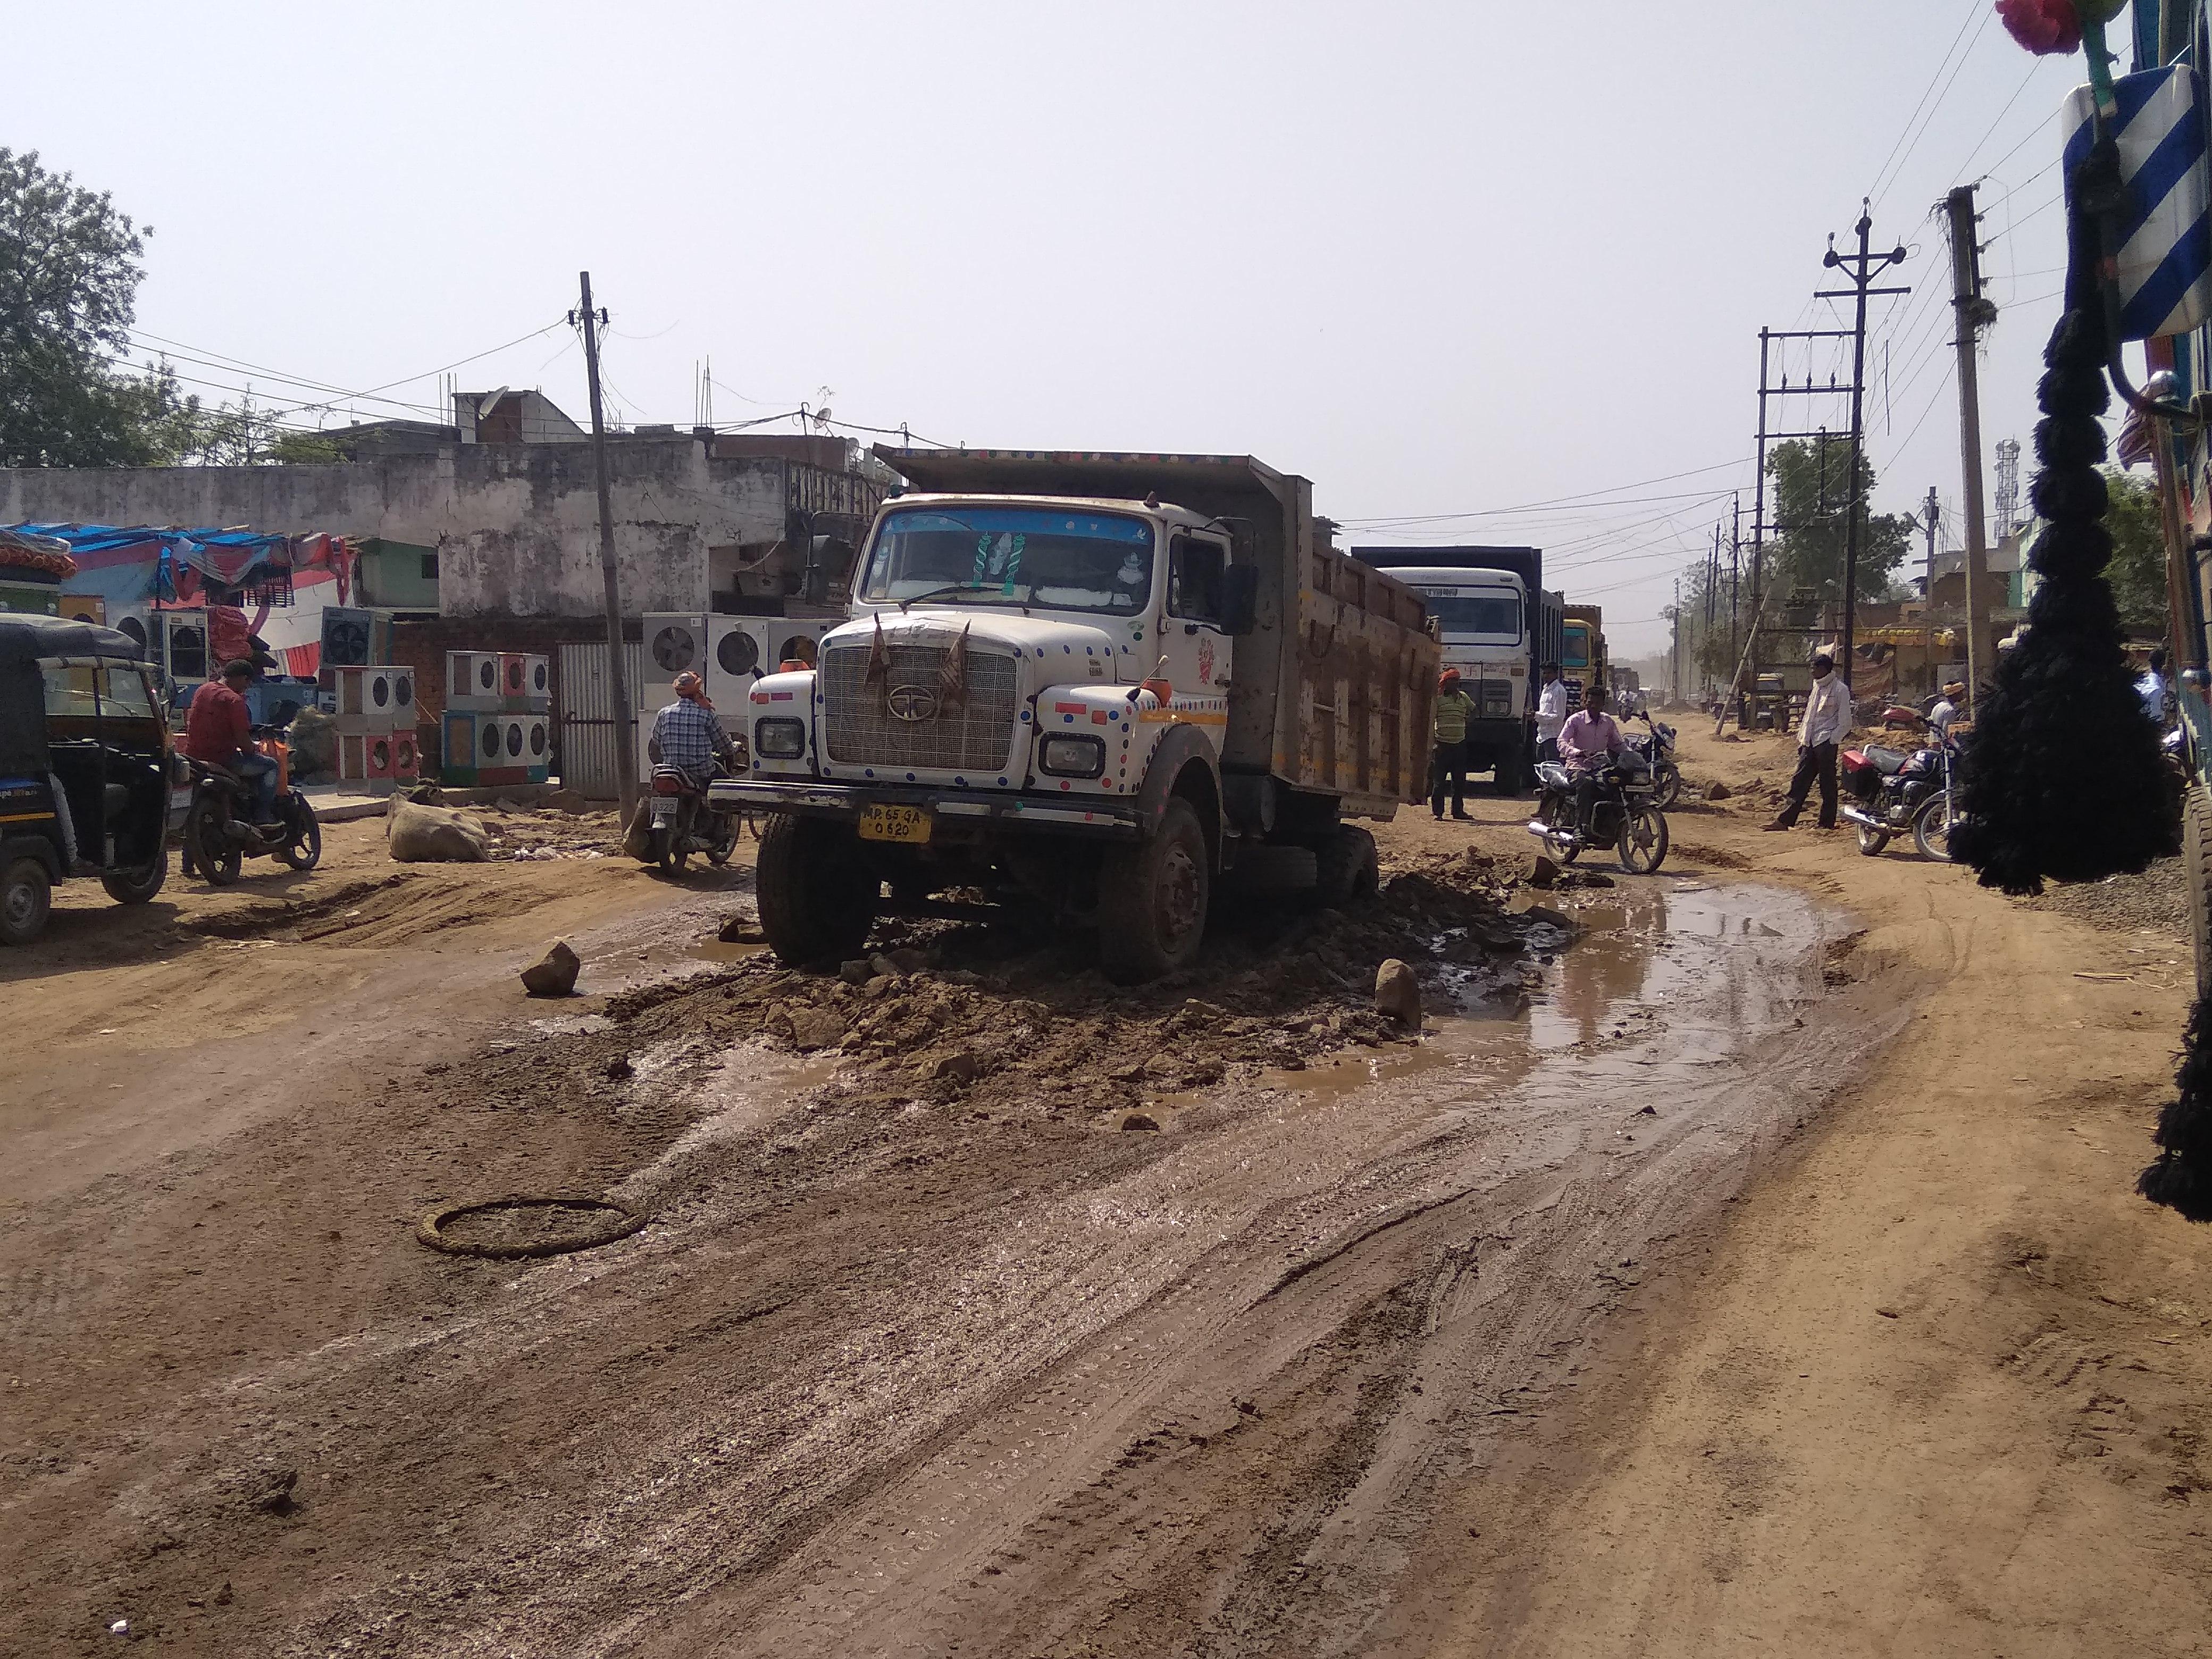 कीचड़ में फंसा बोल्डर से लदा ट्रक, आधा घंटा यातायात हुआ प्रभावित